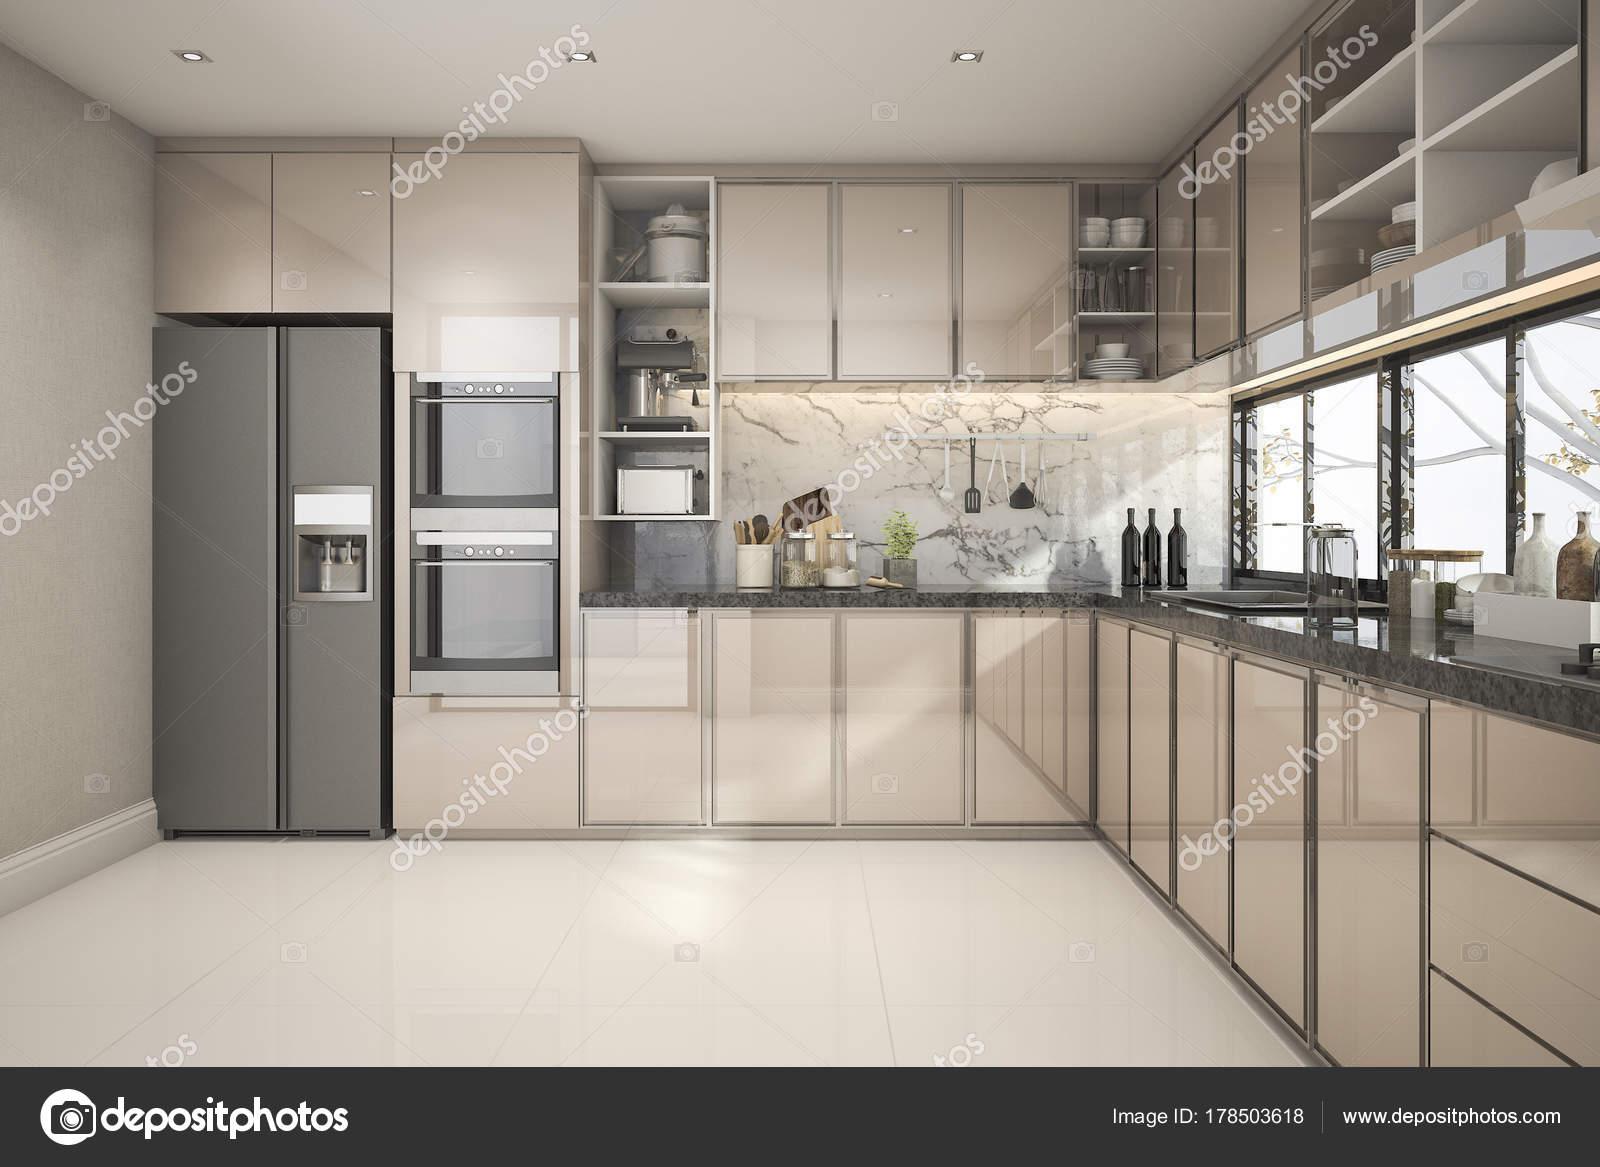 Moderne Keuken Inrichting : Rendering van prachtige moderne keuken met marmeren inrichting